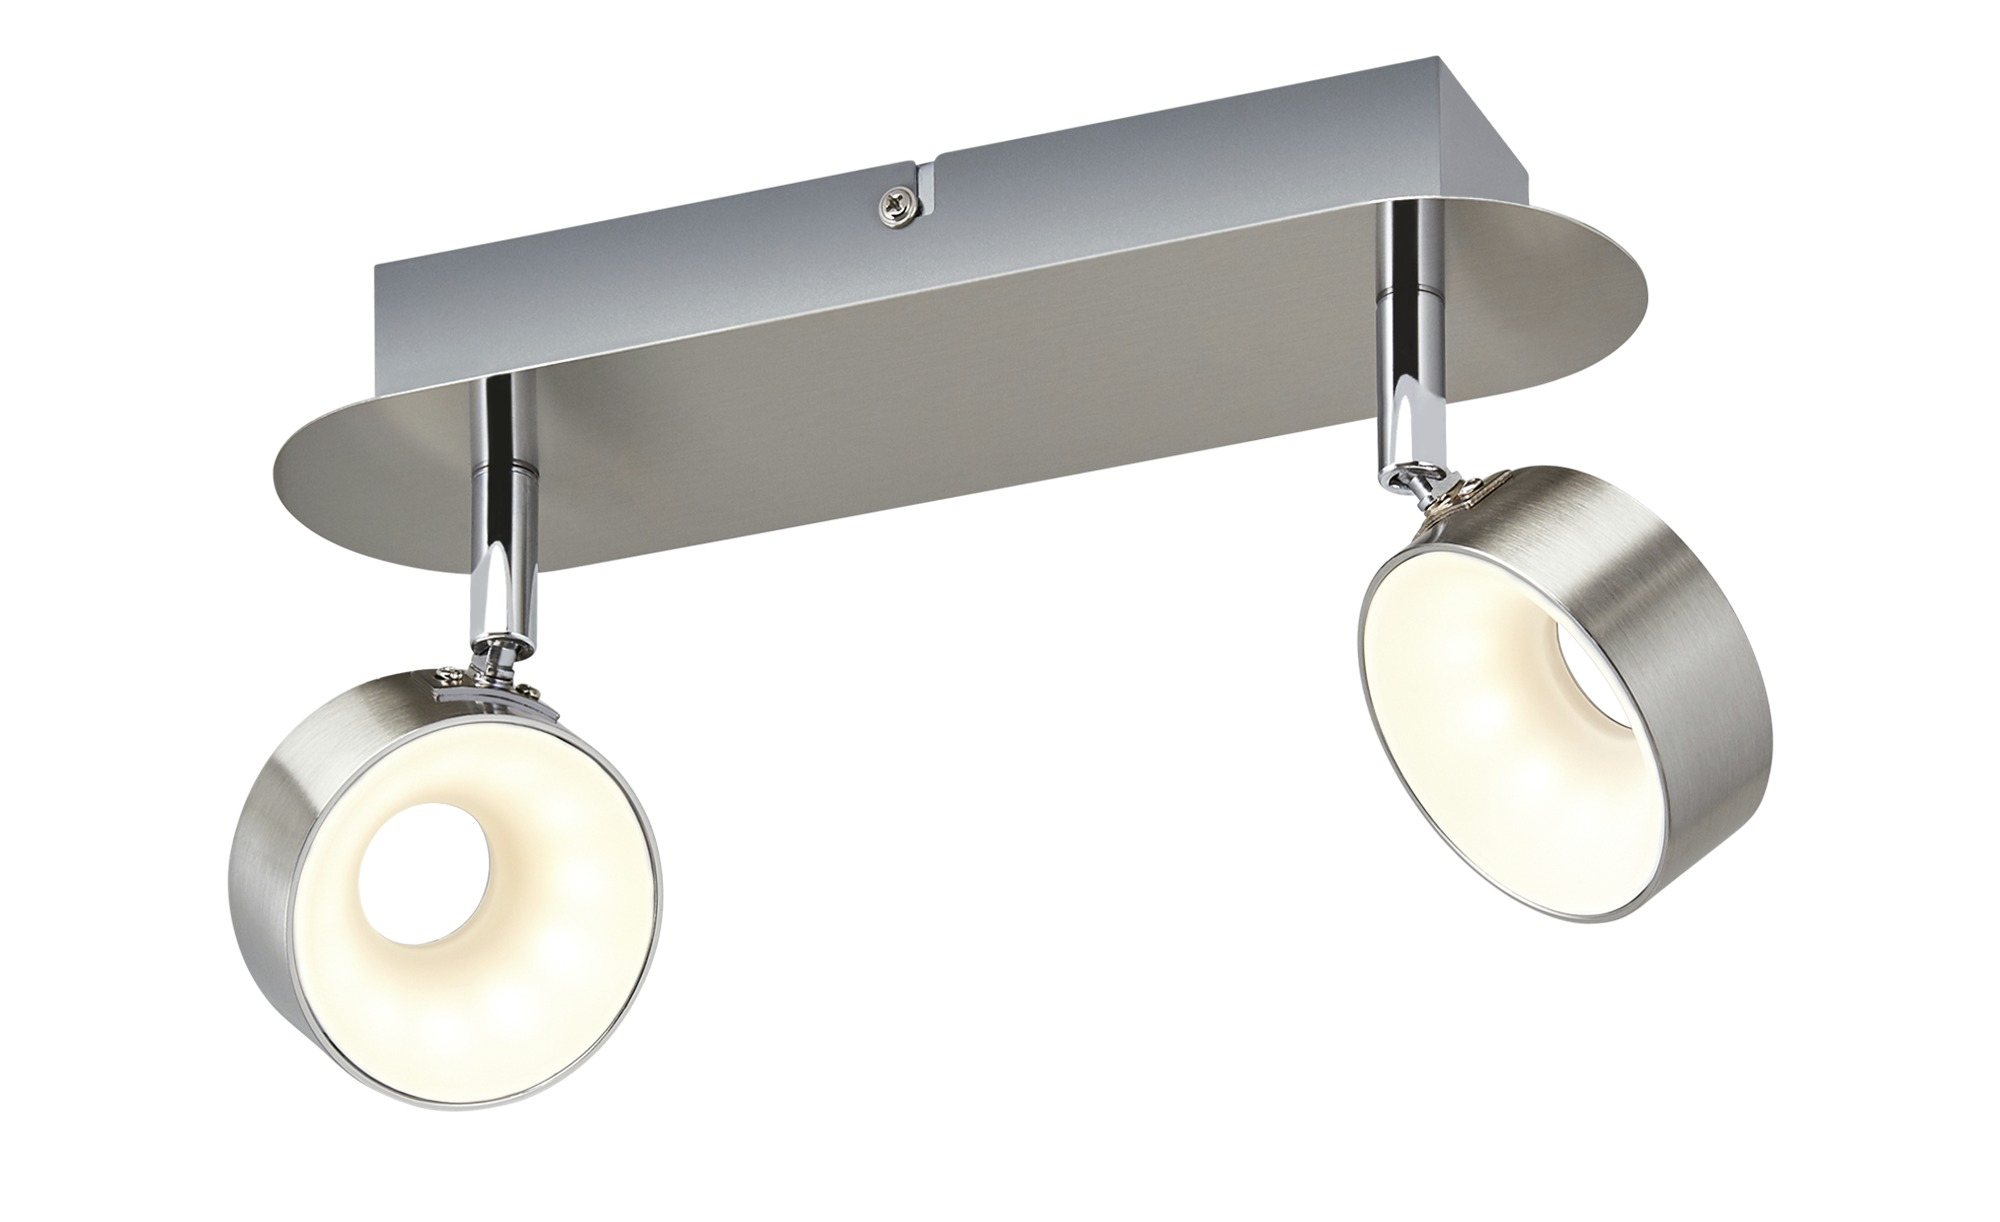 KHG LED-Spot, 2-flammig, Nickel matt ¦ silber ¦ Maße (cm): B: 8 H: 16 Lampen & Leuchten > LED-Leuchten > LED-Strahler & Spots - Höffner